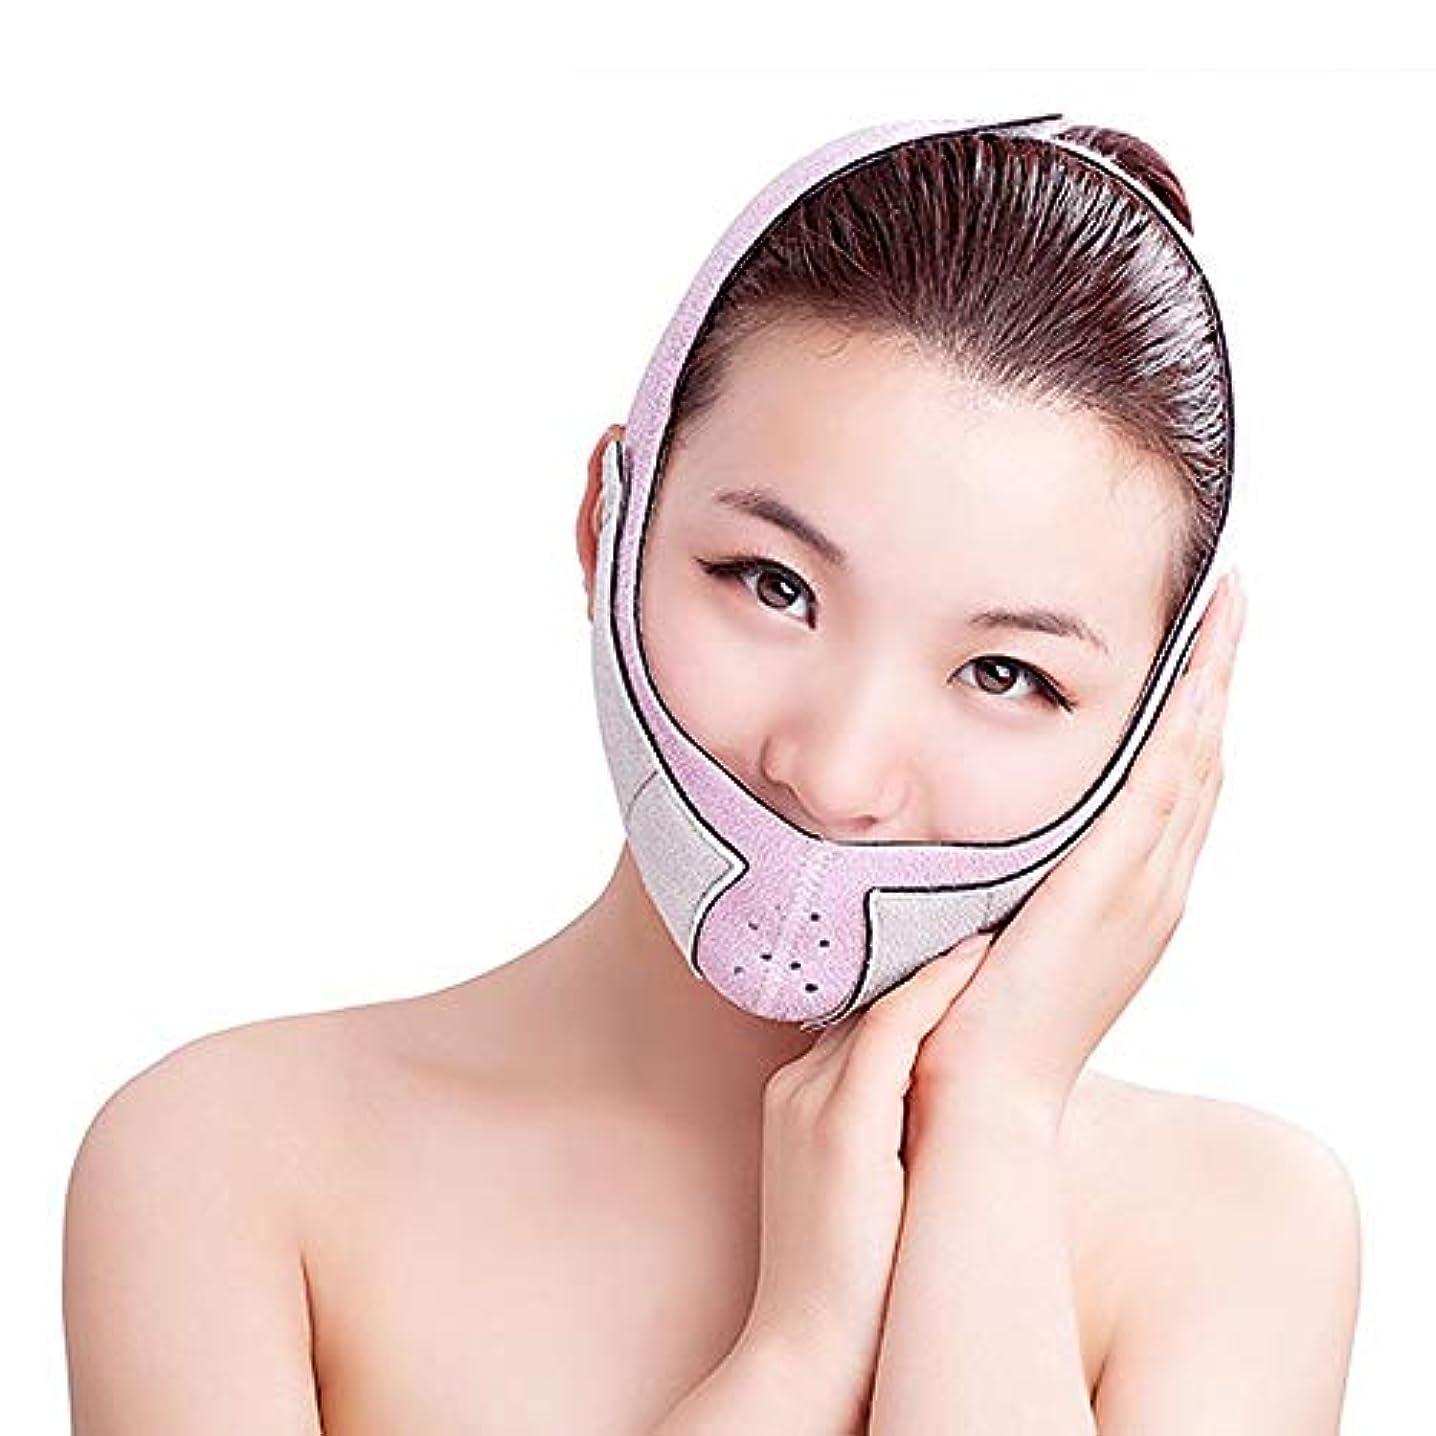 姪マージン比率薄い顔のベルト - 薄い顔のベルト通気性の補正3D薄い顔のV顔のベルトの包帯薄い顔のアーティファクト (色 : B)